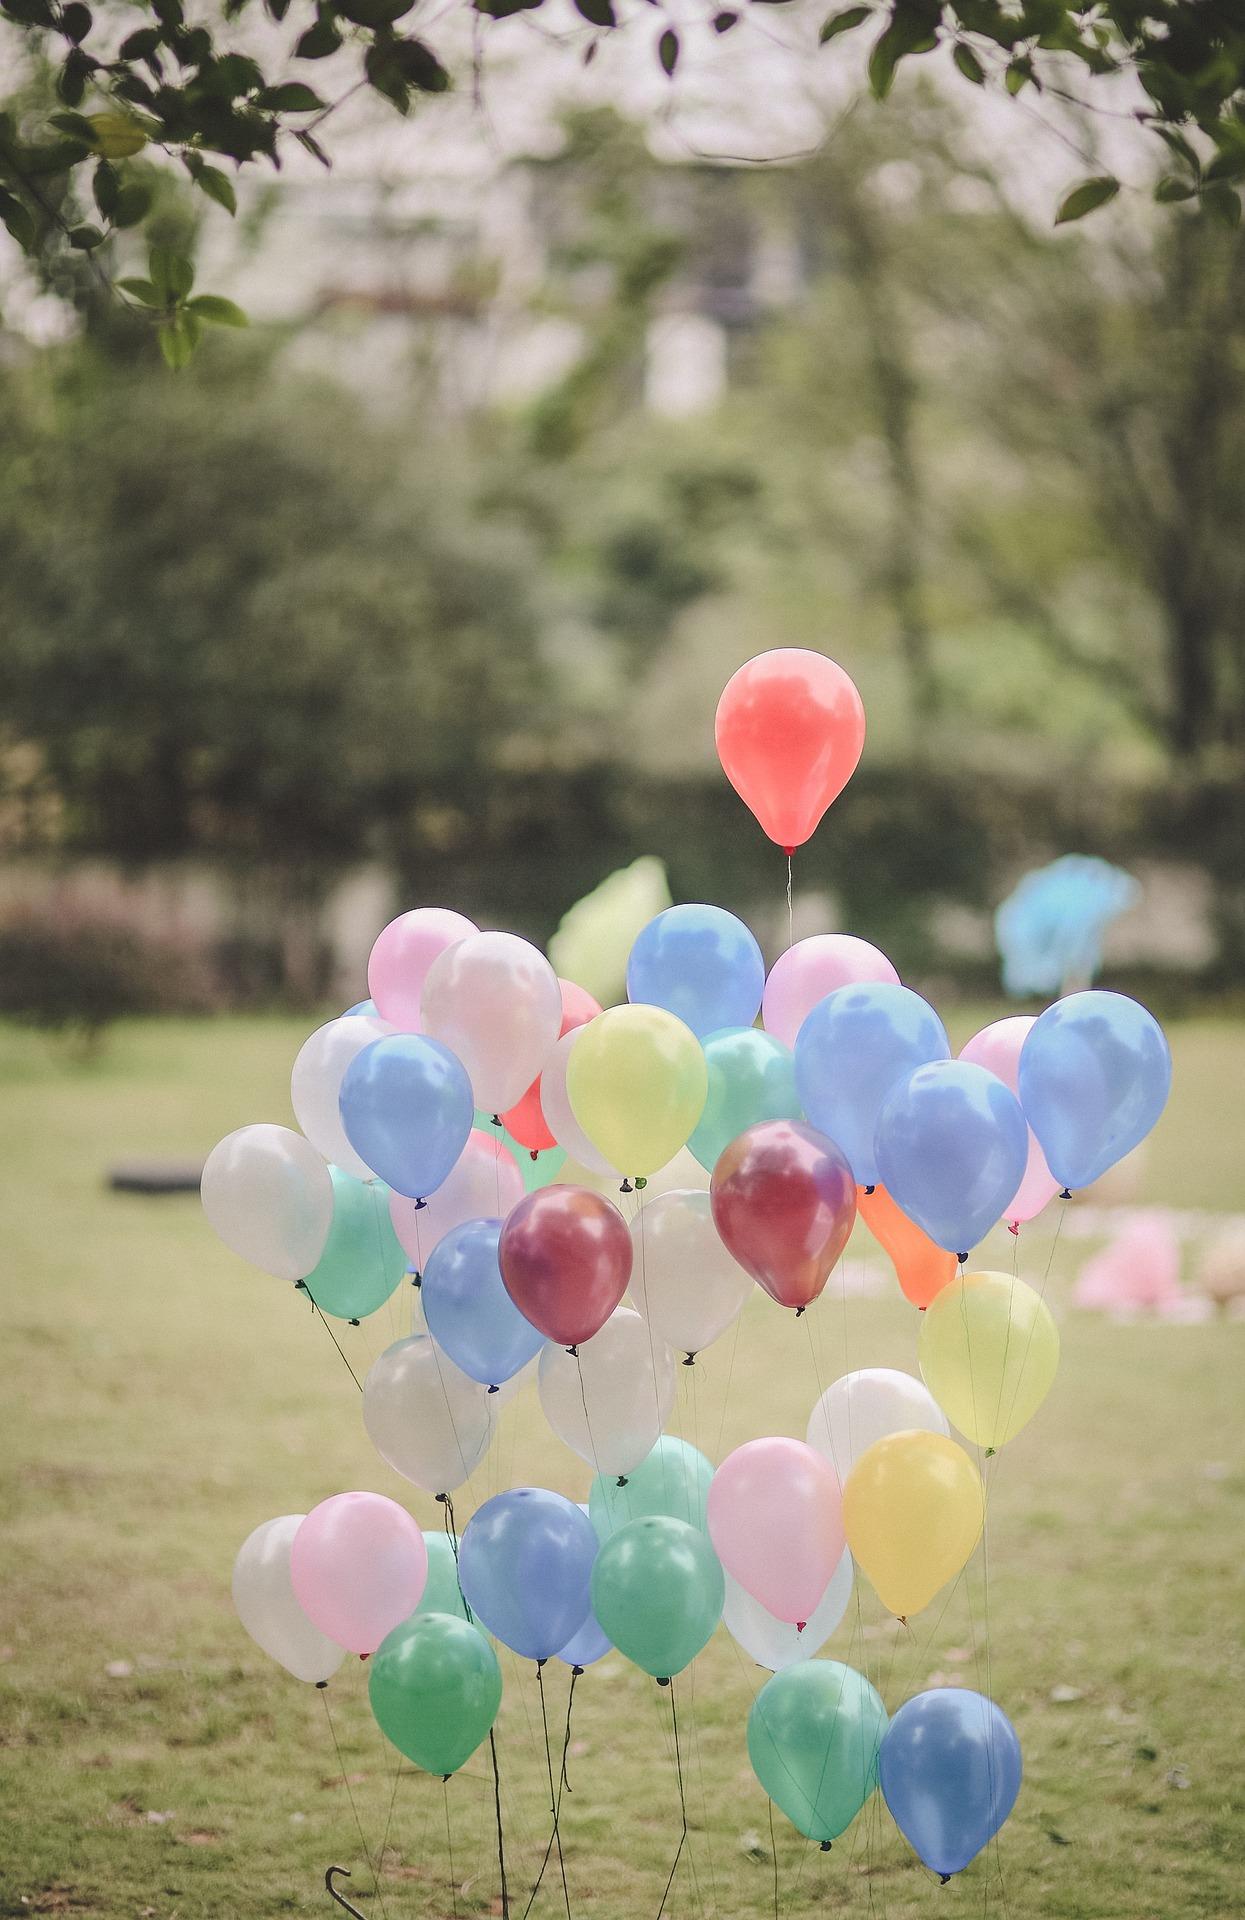 3 idées pour décorer son mariage avec des ballons - blog - decors de